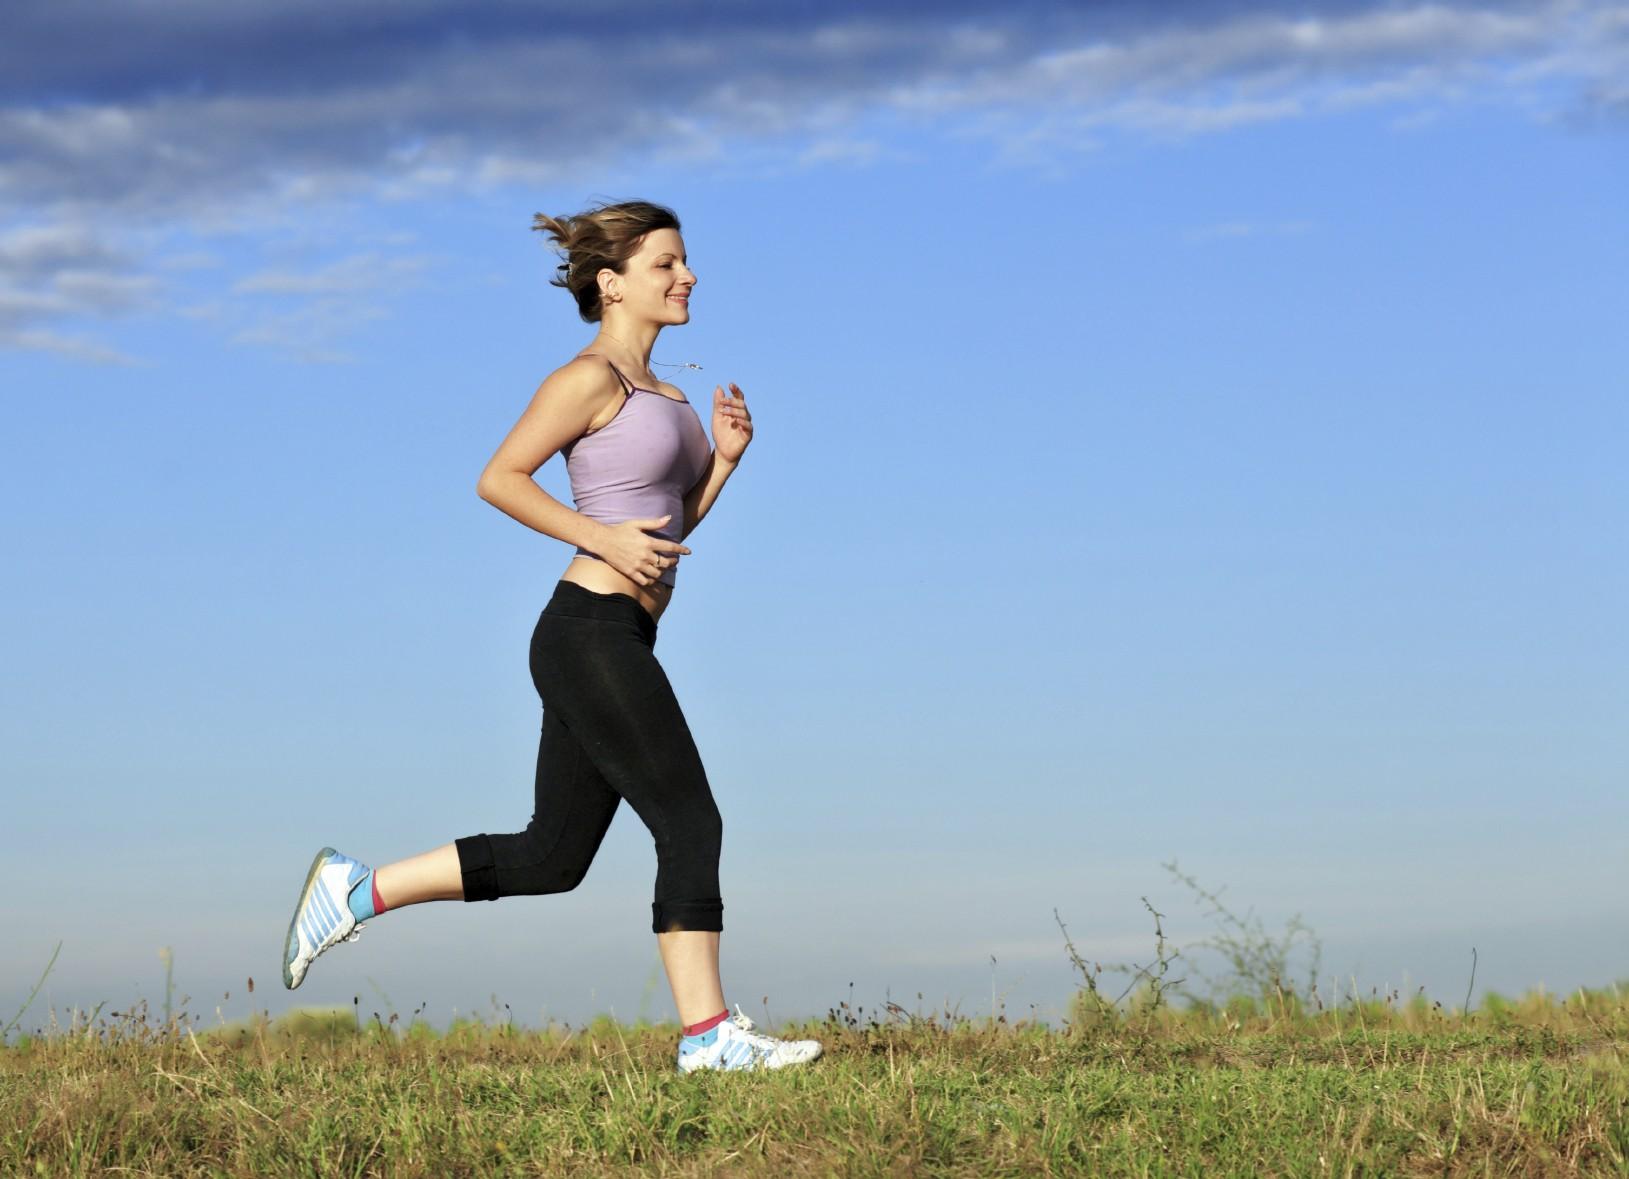 milyen sport megengedett magas vérnyomás esetén